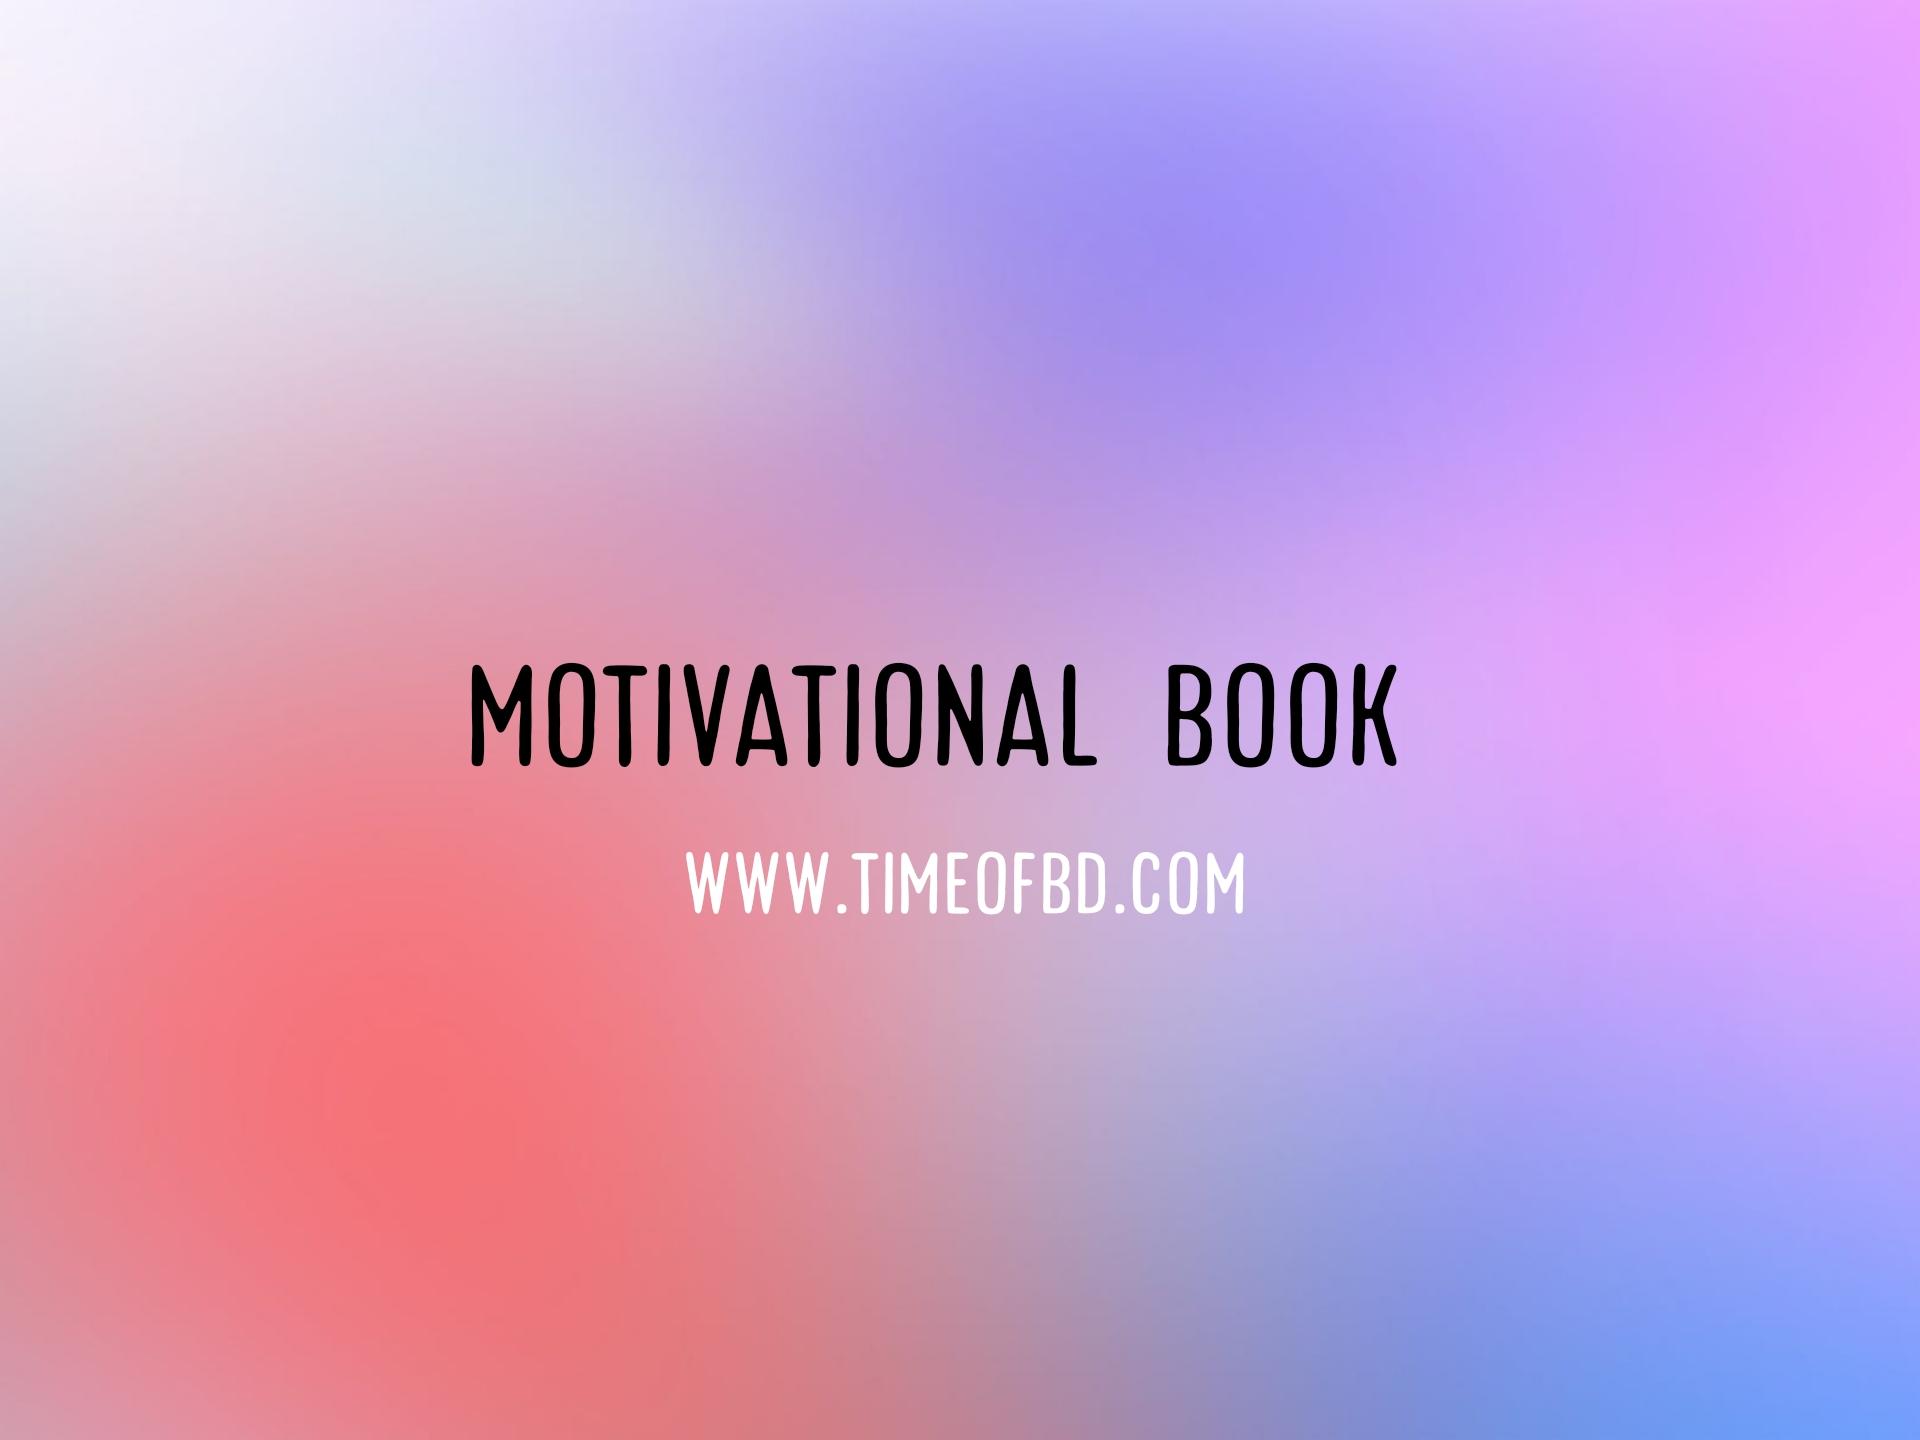 motivational book online order link, motivational book online, motivational book pdf,motivational book pdf download